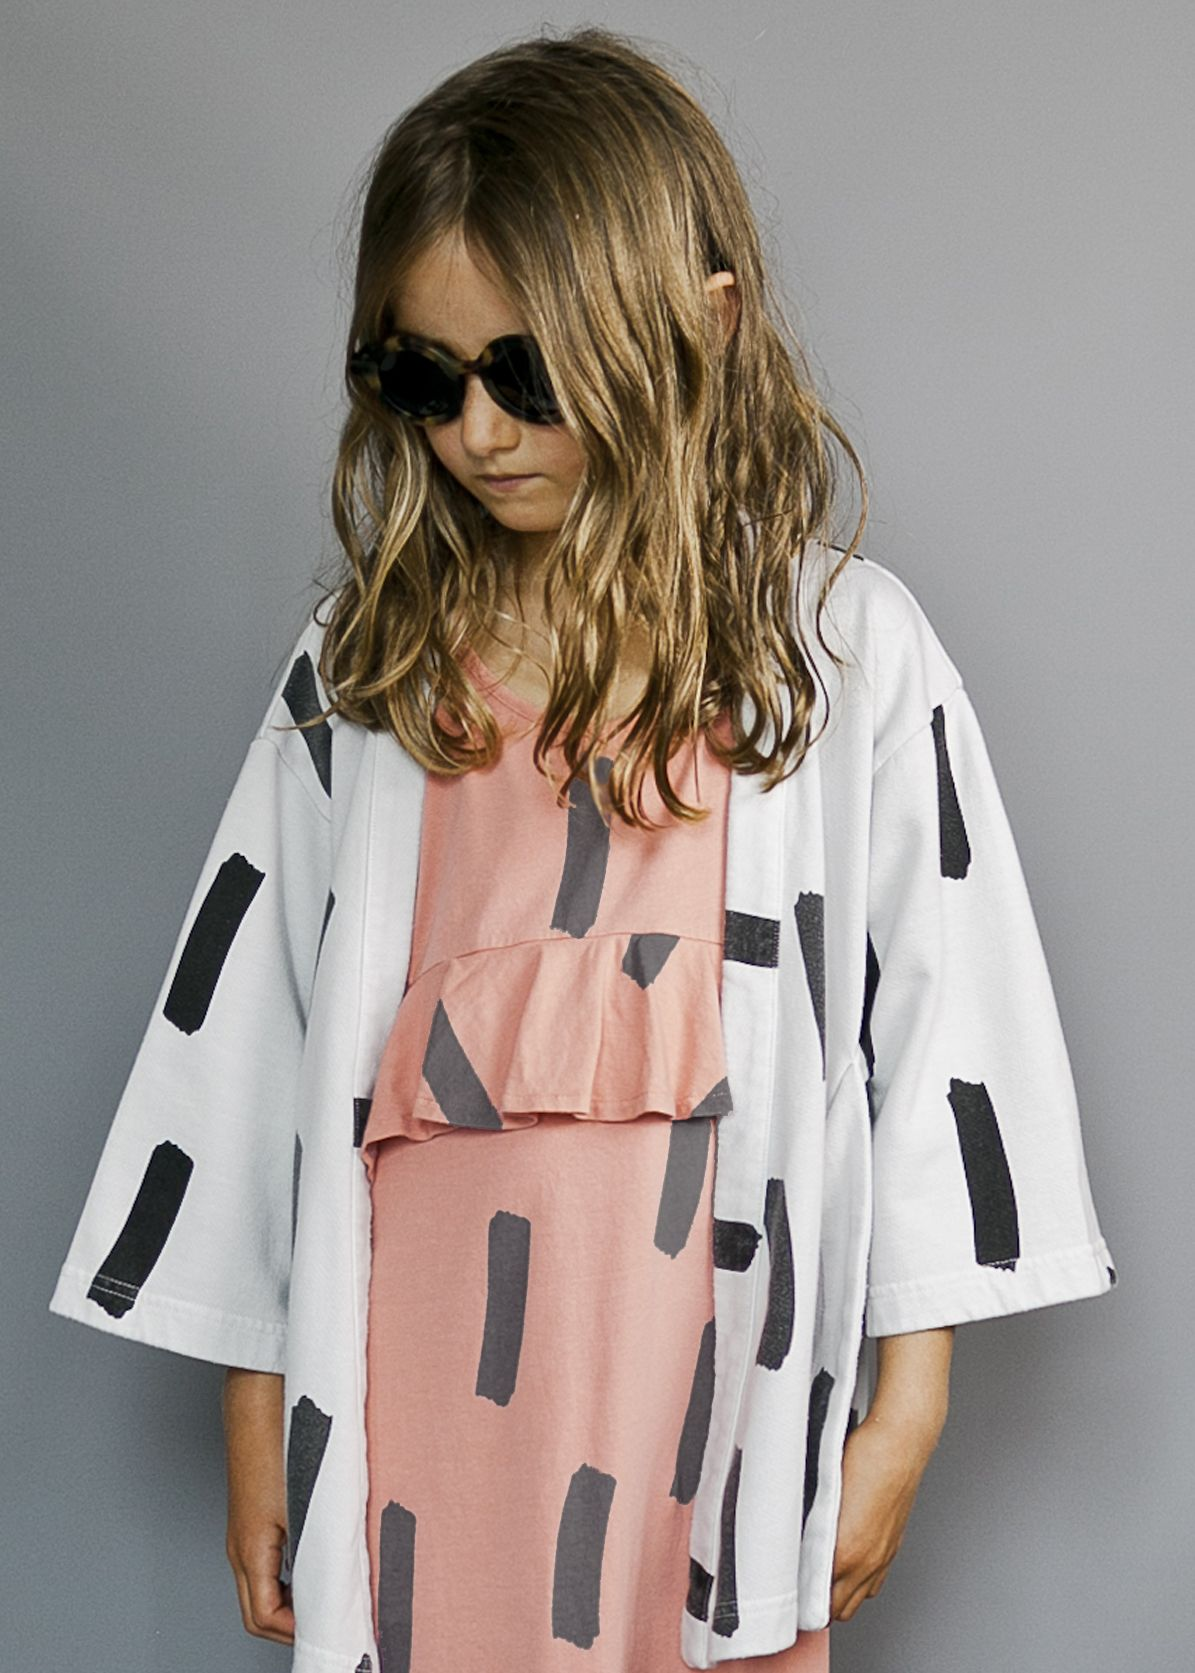 Clothes stylish uk